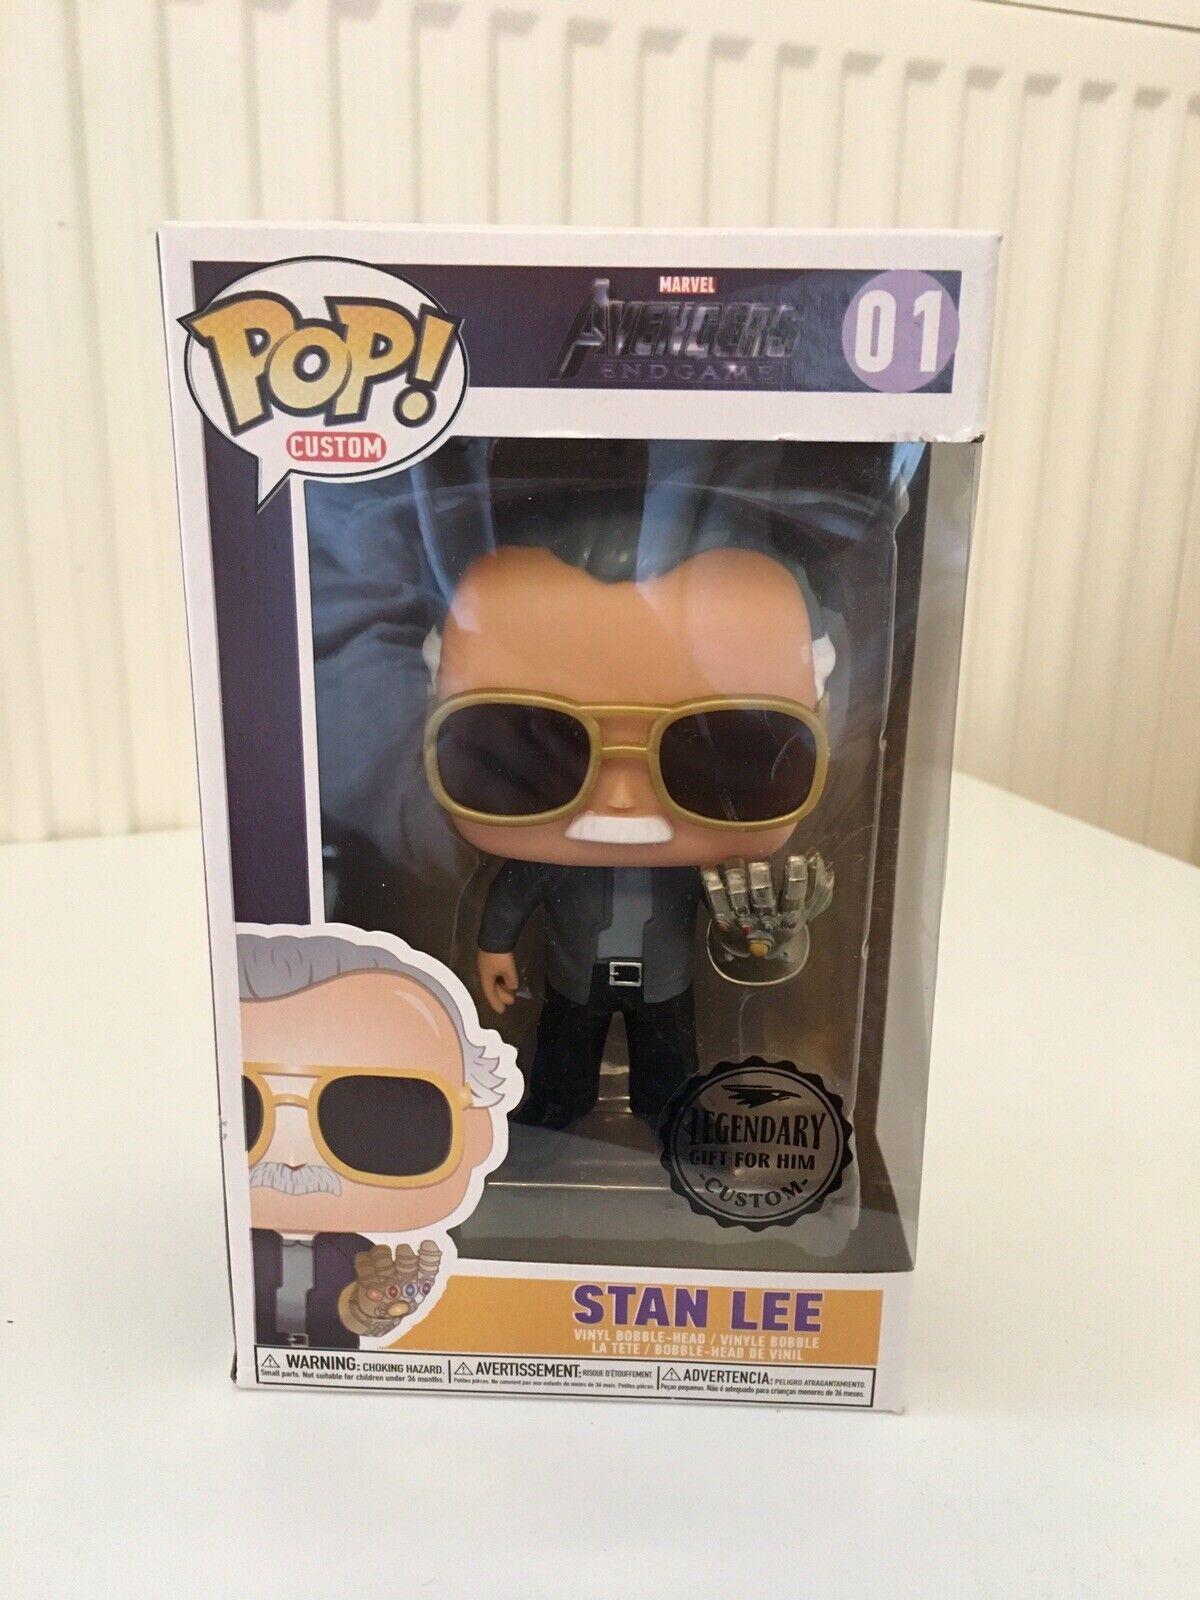 Funko Pop Stan Lee Custom Avengers Endgame With Gauntlet Legendary Gift For Him